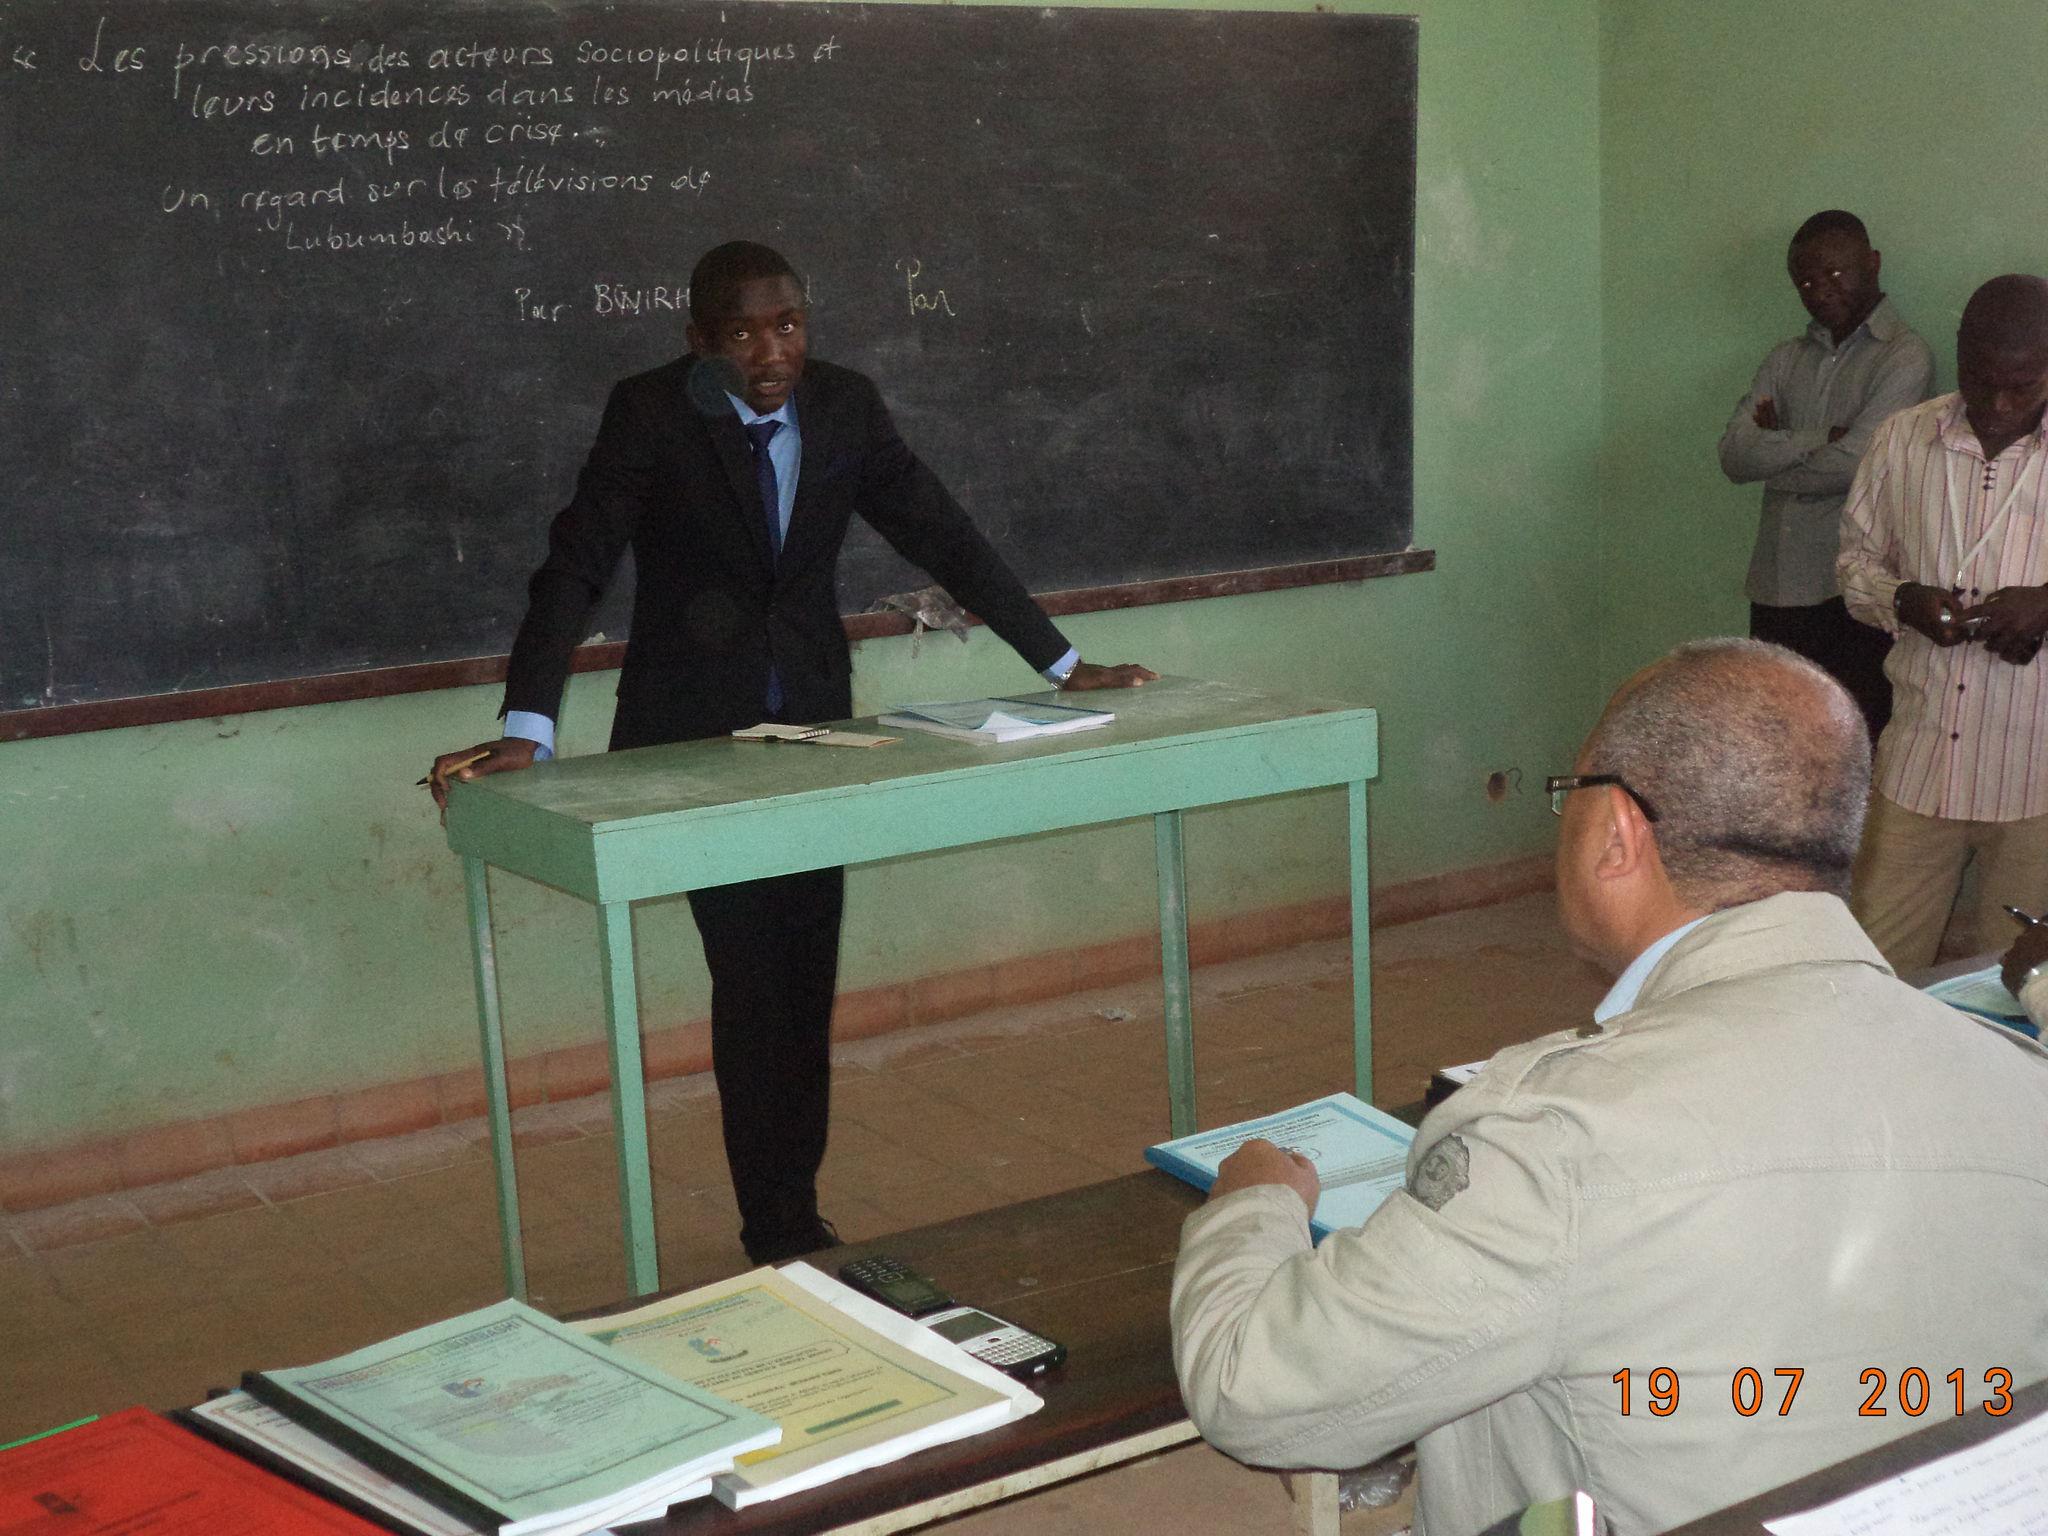 Pendant mon exposé, en face de mon directeur, le Prof Ordinaire Jacky MPUNGU